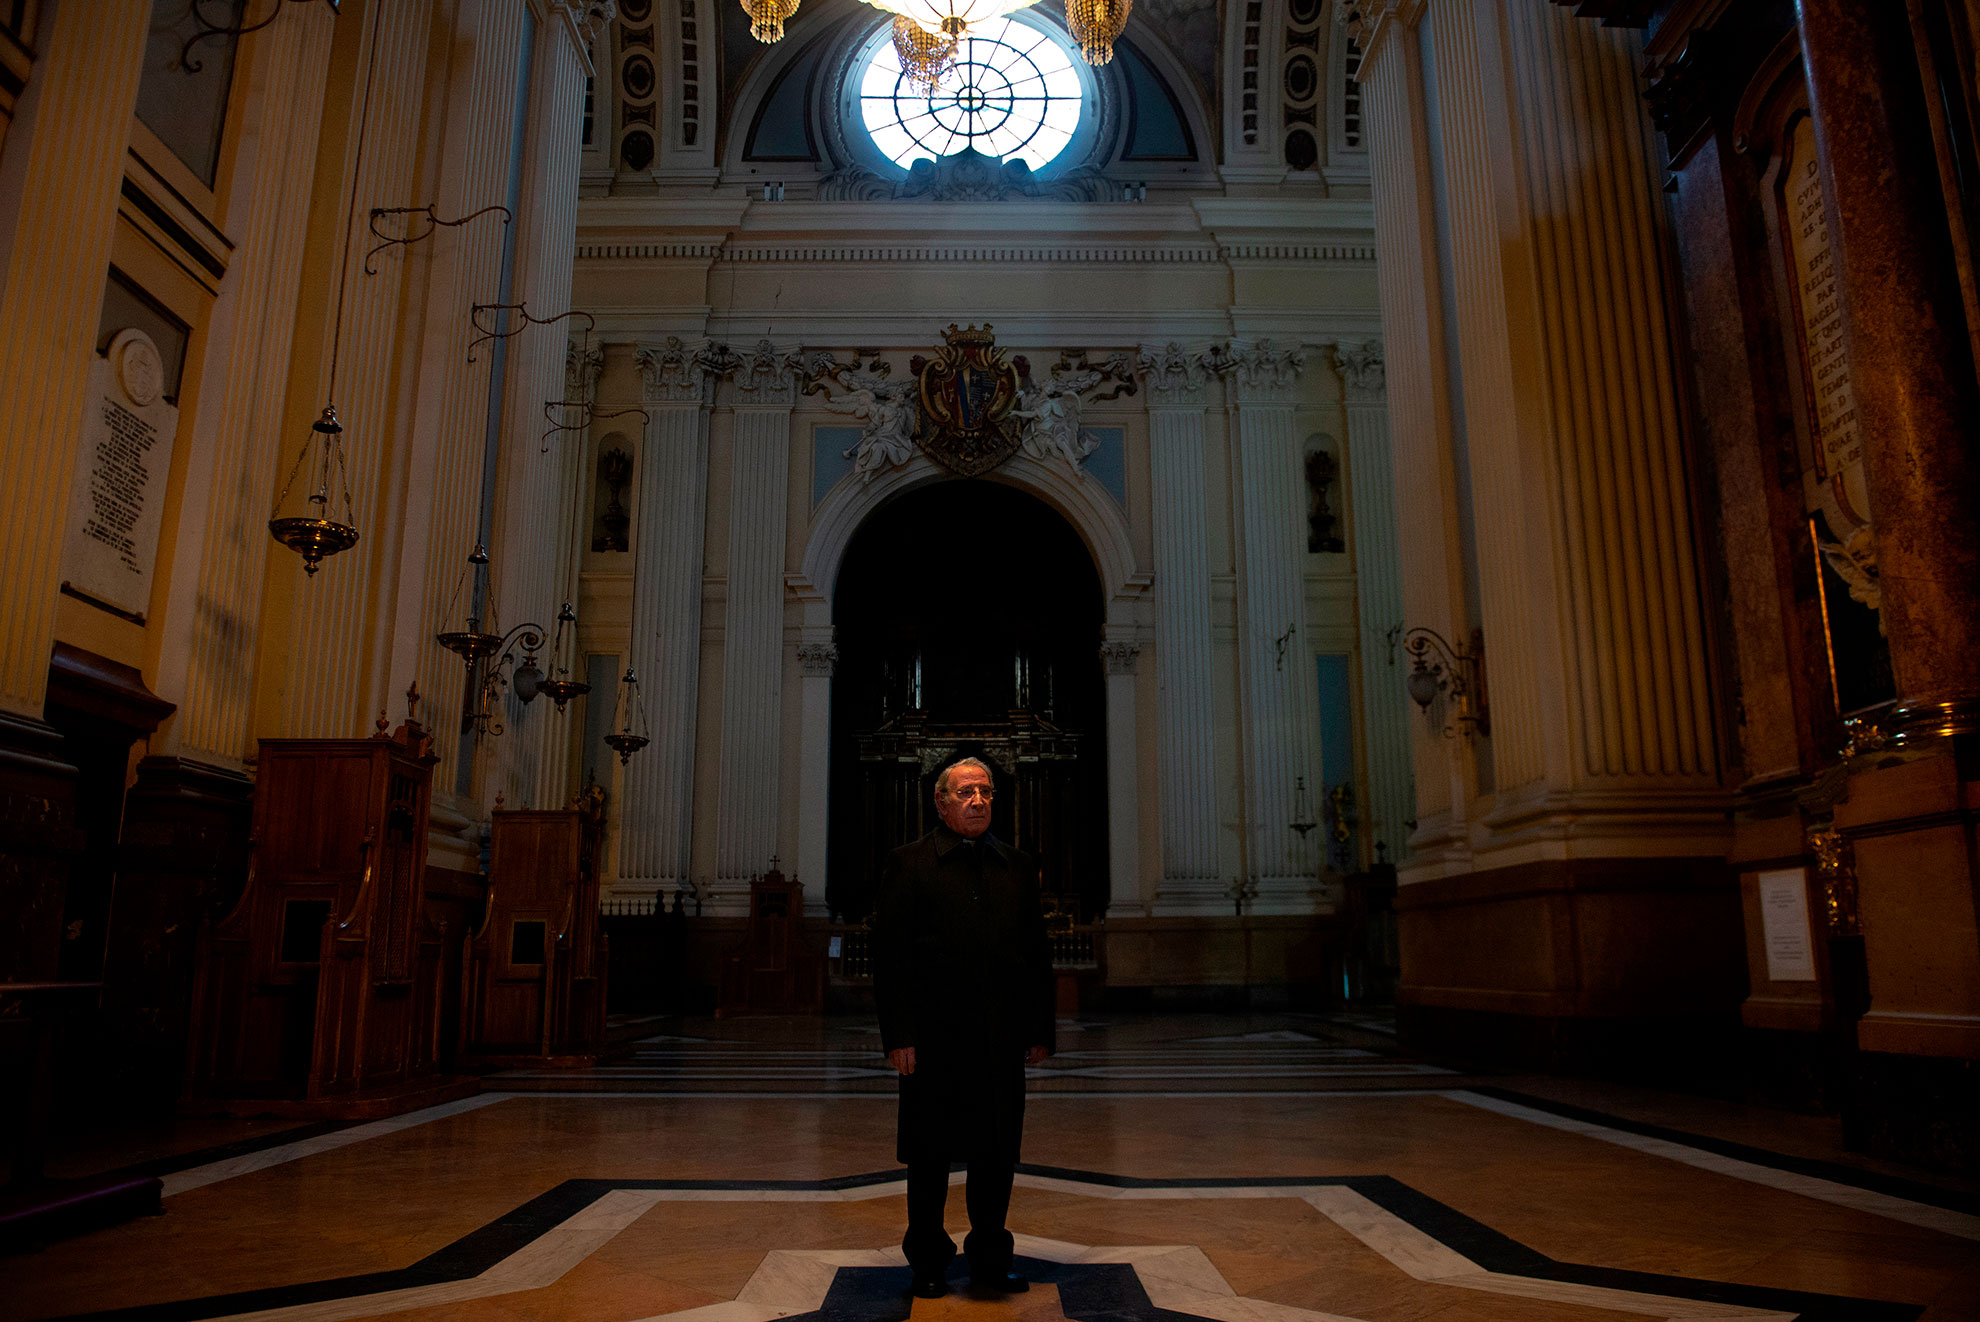 El Dean del Cabildo camina por el pasillo lateral de la Basílica del Pilar, el templo más emblemático de Zaragoza, cerrada al público y vacía desde que se decretó el estado de alarma. Una estampa llena de extrañeza pues El Pilar es uno de los monumentos más visitados en todo el país.